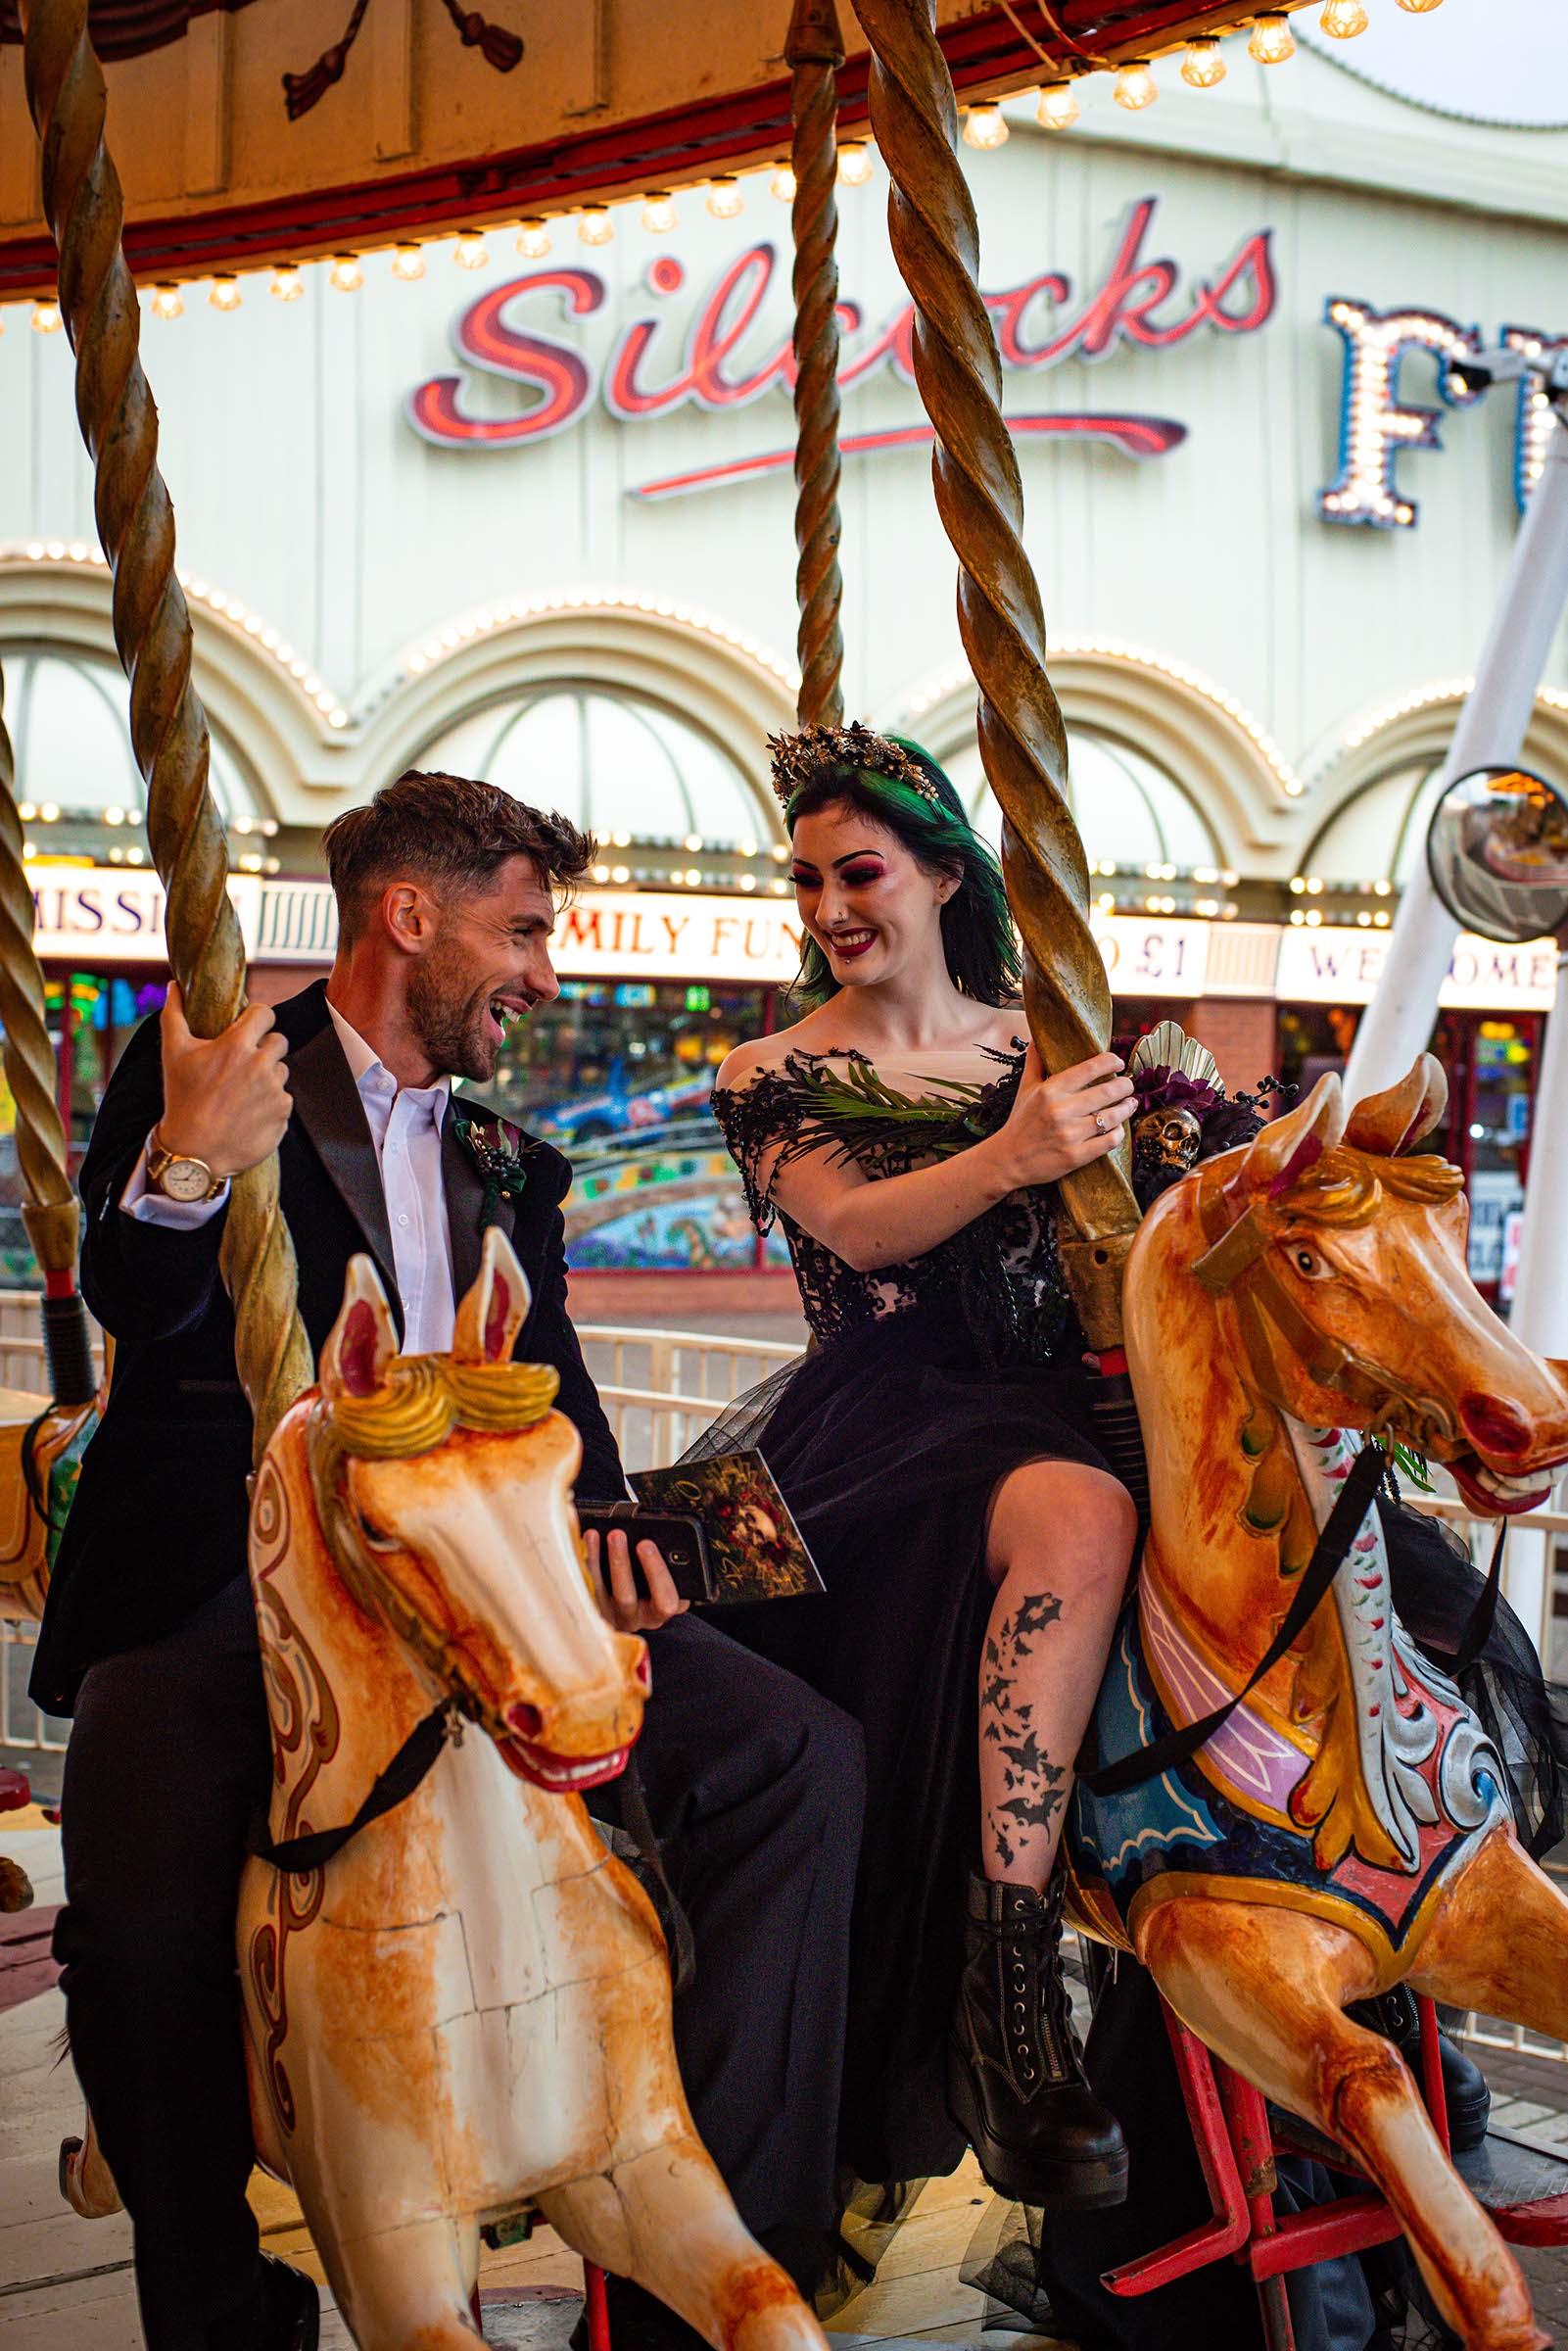 alternative luxe wedding - slytherin wedding - gothic wedding - alternative wedding - bride and groom on carousel - fairground wedding